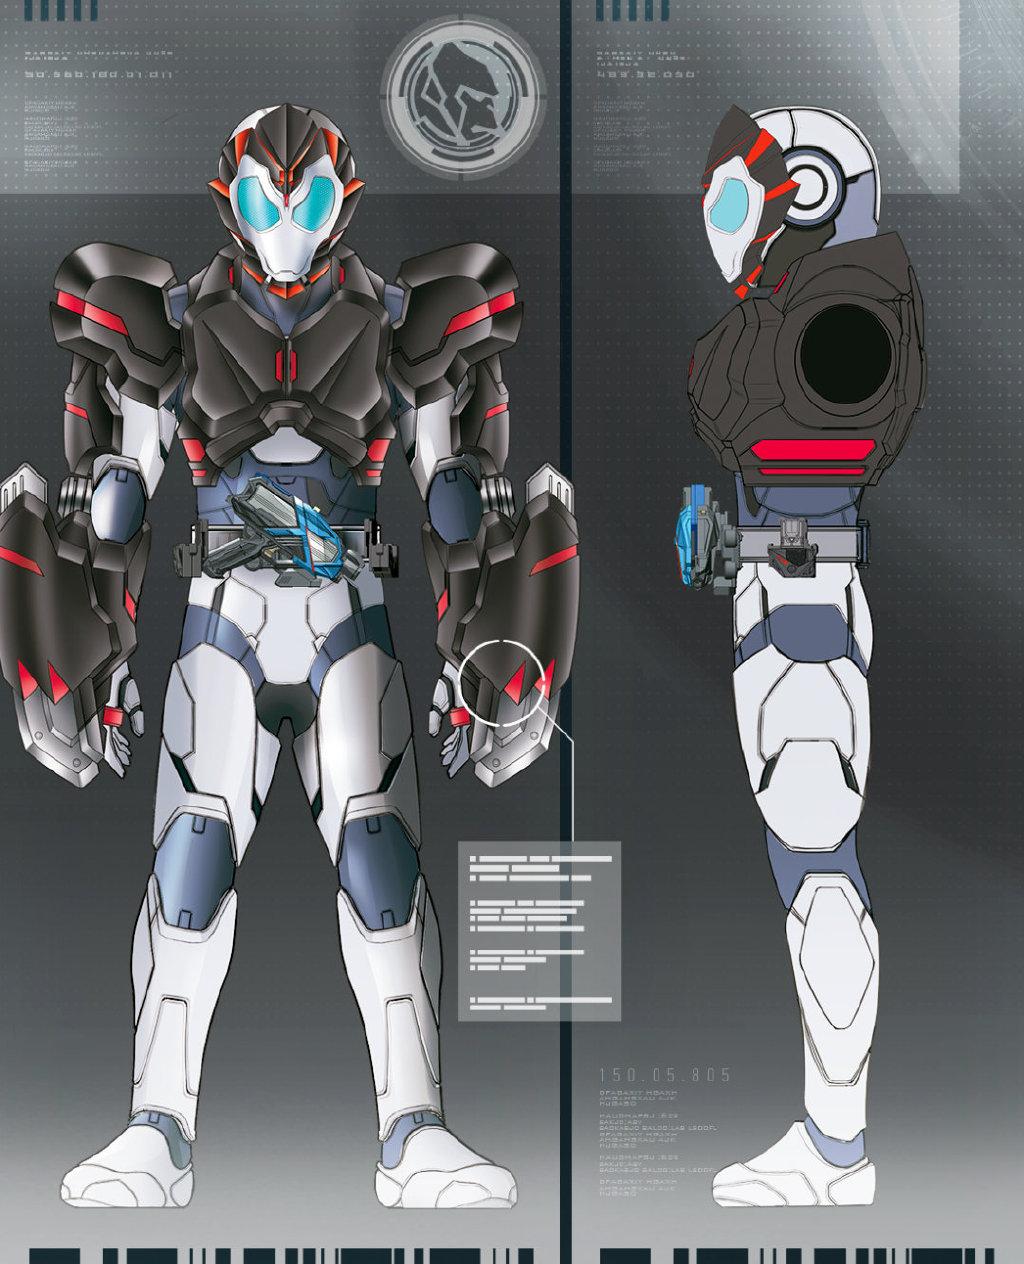 假面骑士01 零一驾驭金刚,飞电金刚形态曝光,外形酷炫像蝙蝠侠